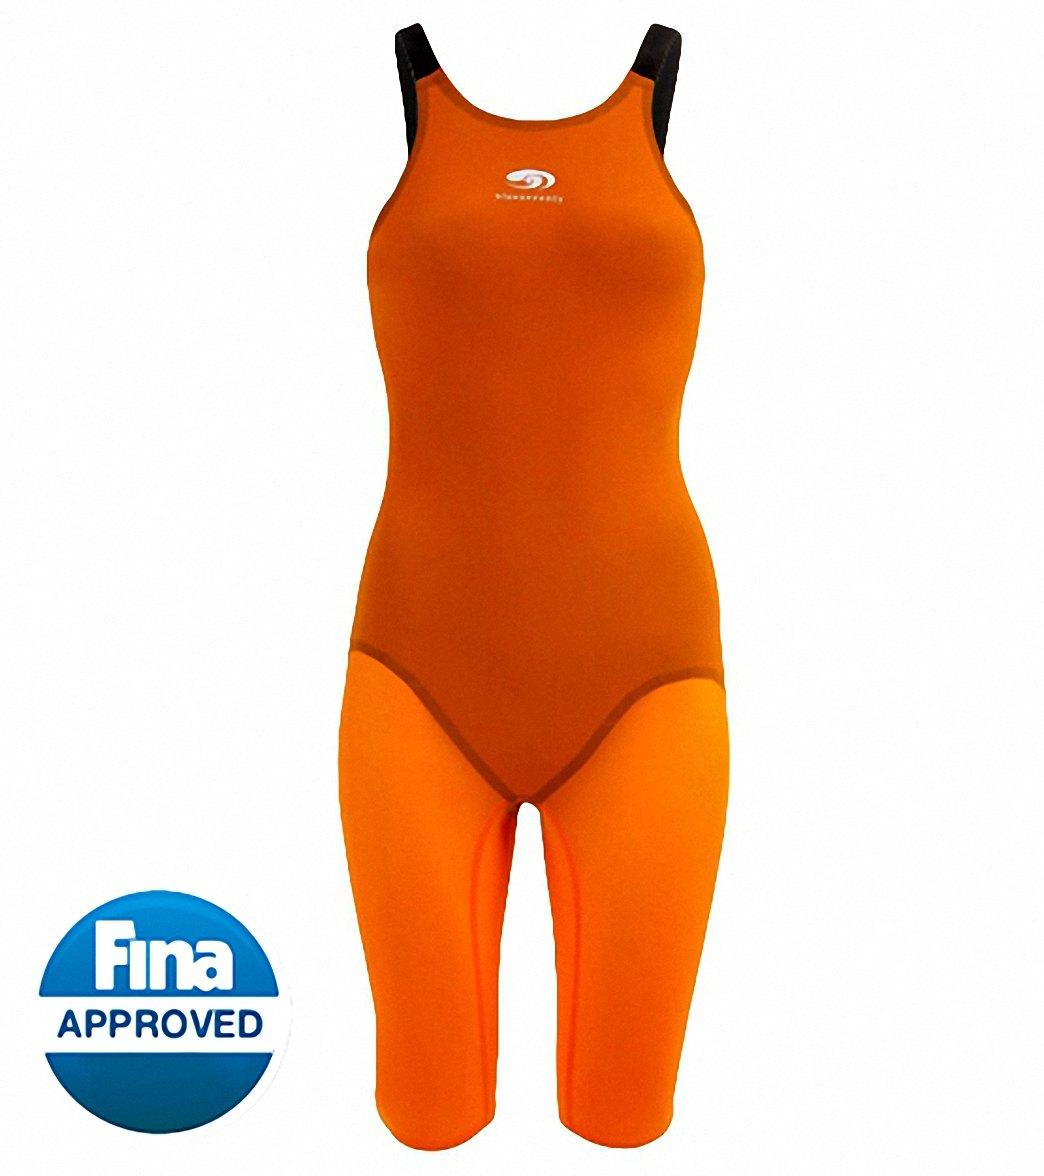 Blueseventy Women's Nero Tx Kneeskin Tech Suit Swimsuit